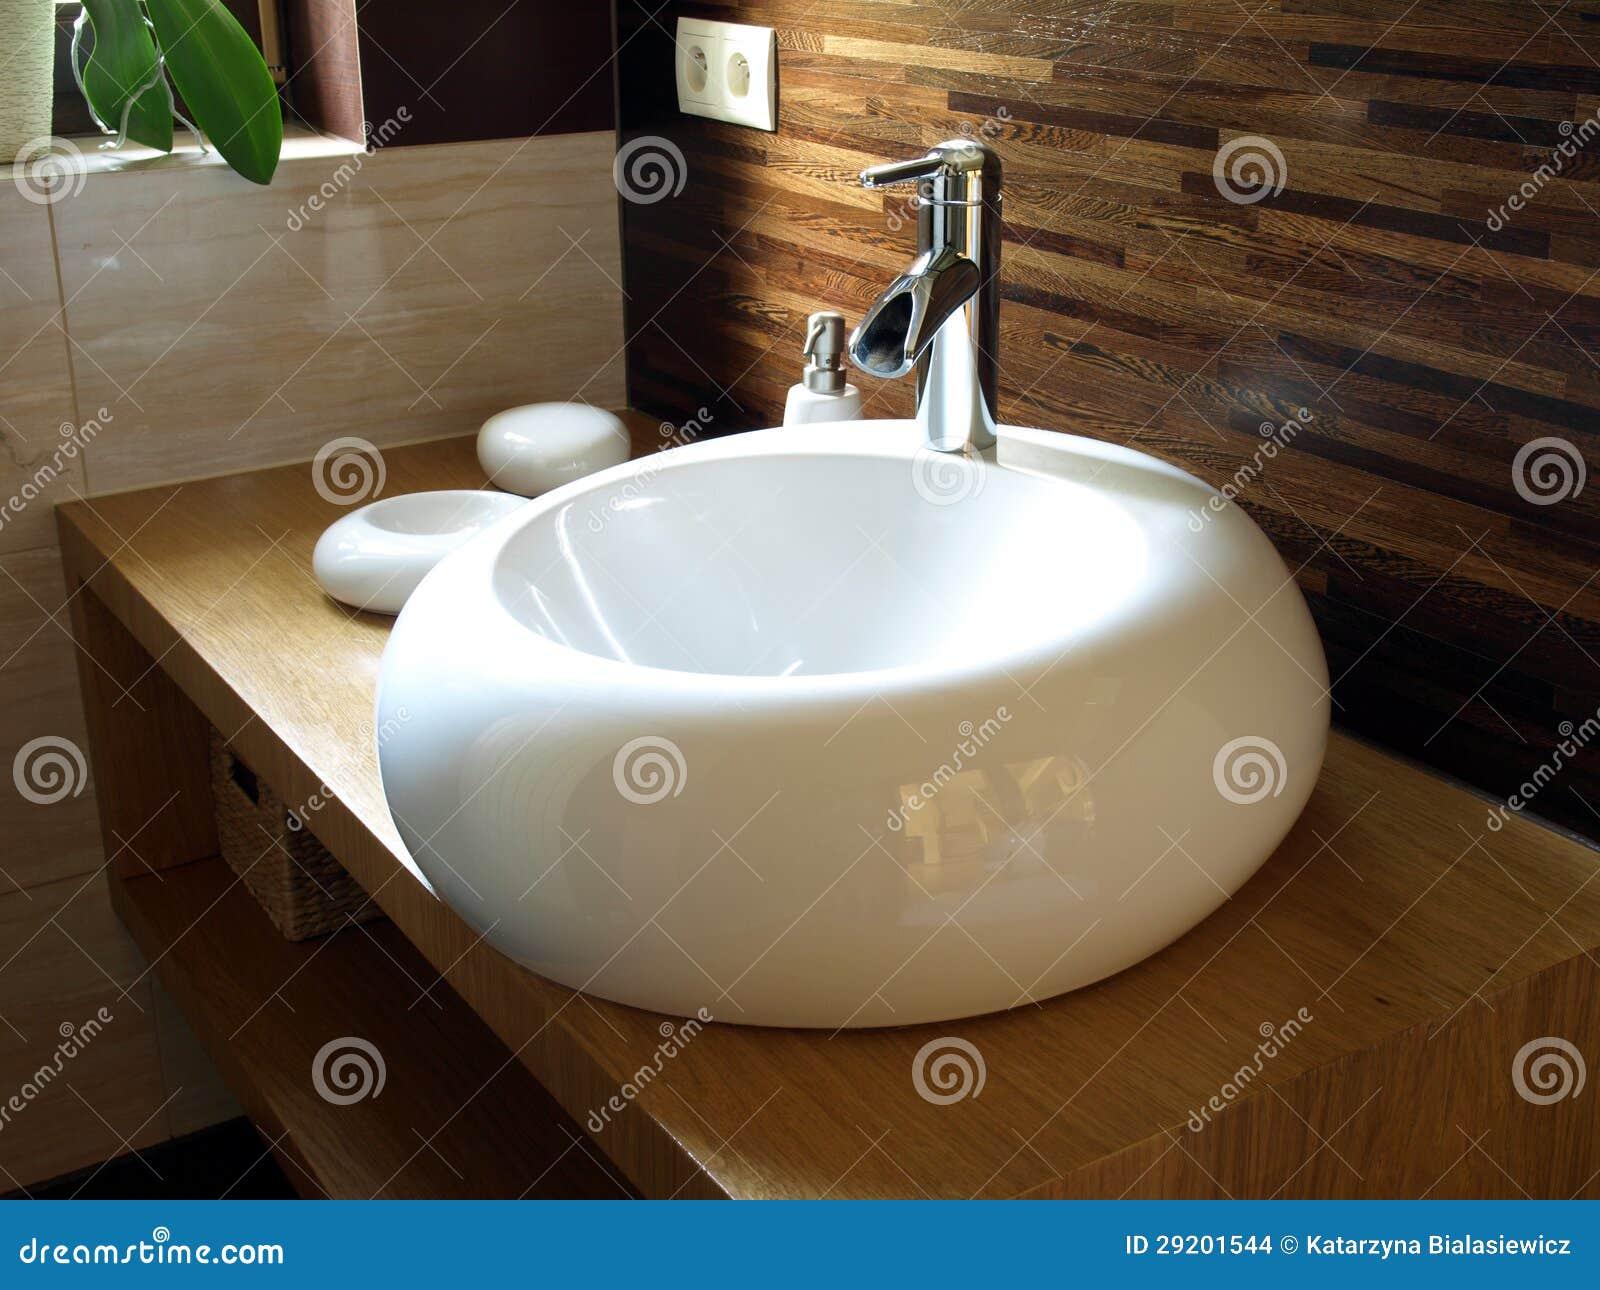 Lavandino rotondo in un bagno moderno immagini stock - Lavandini bagno design ...